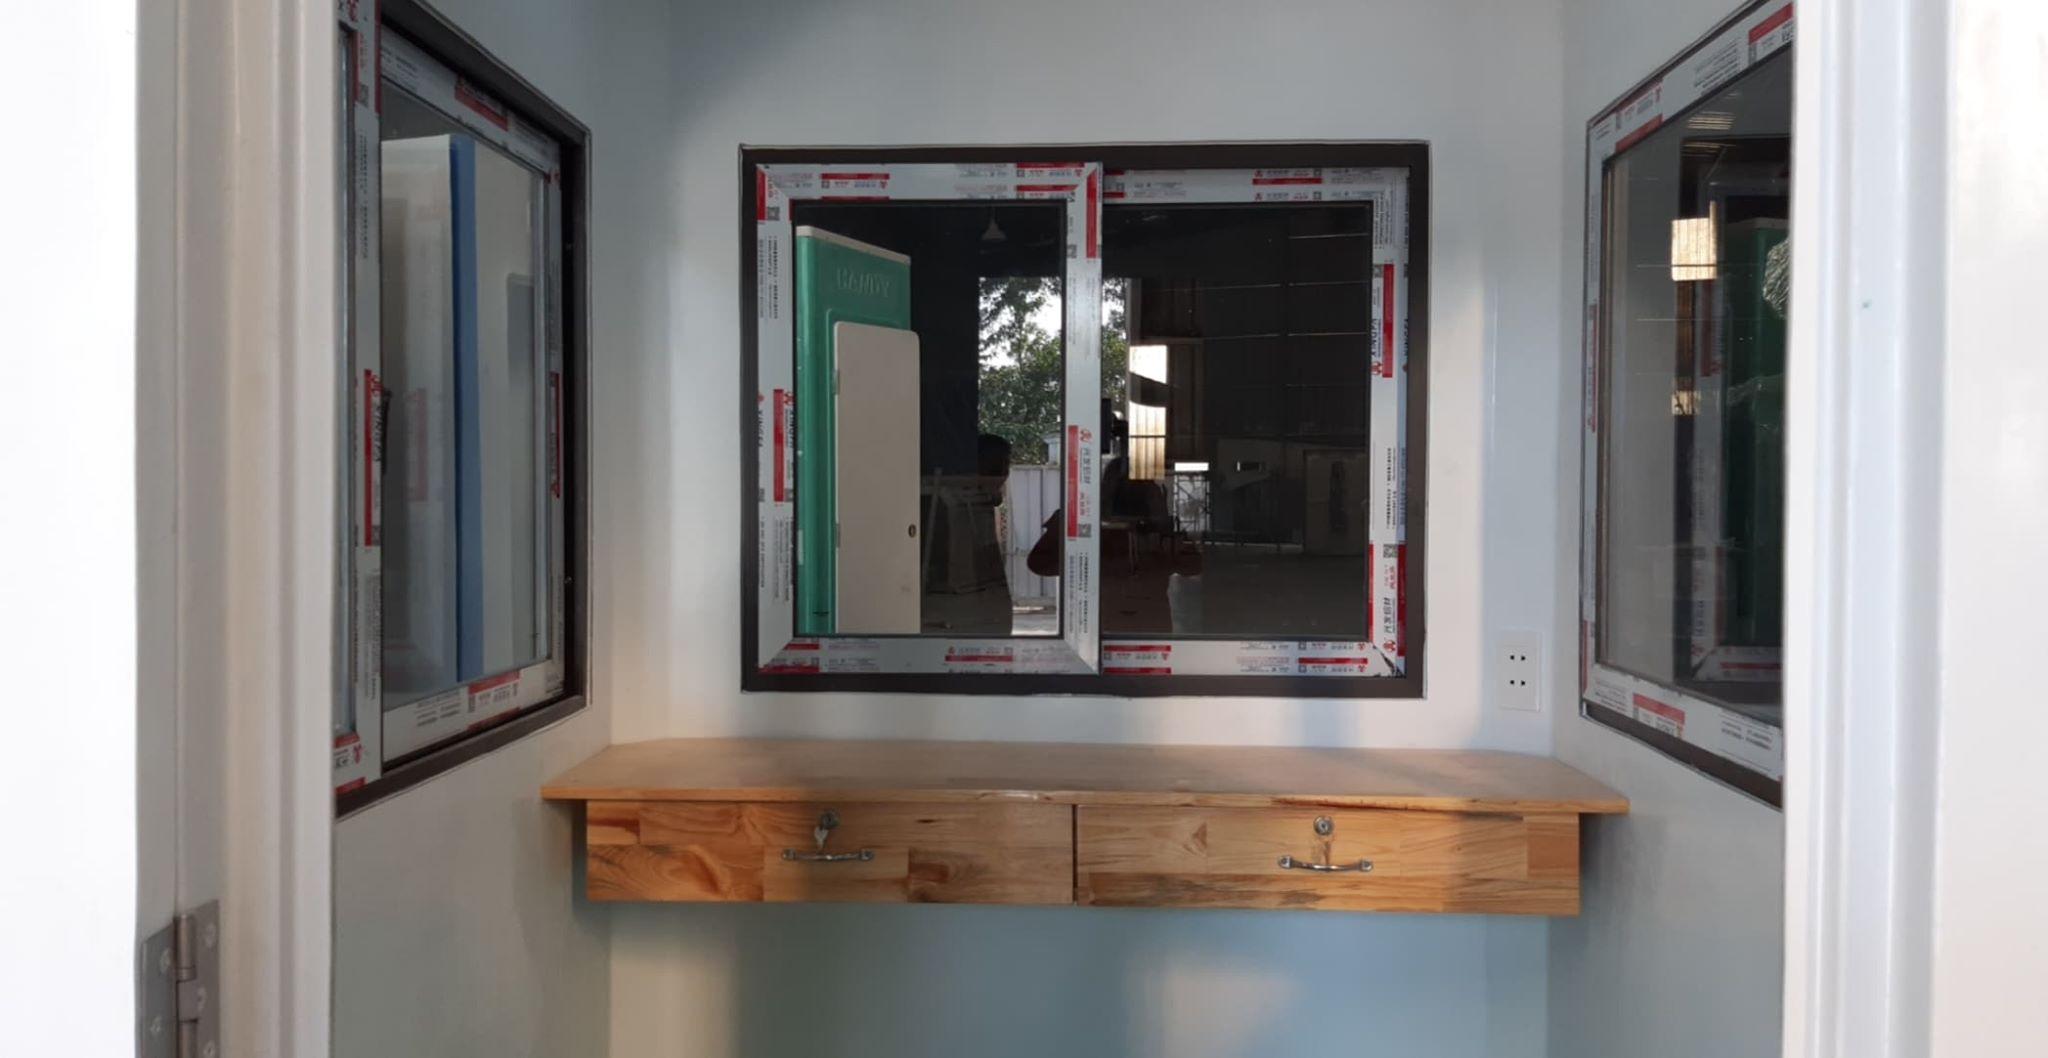 Bàn làm việc bằng gỗ tự nhiên gắn tường